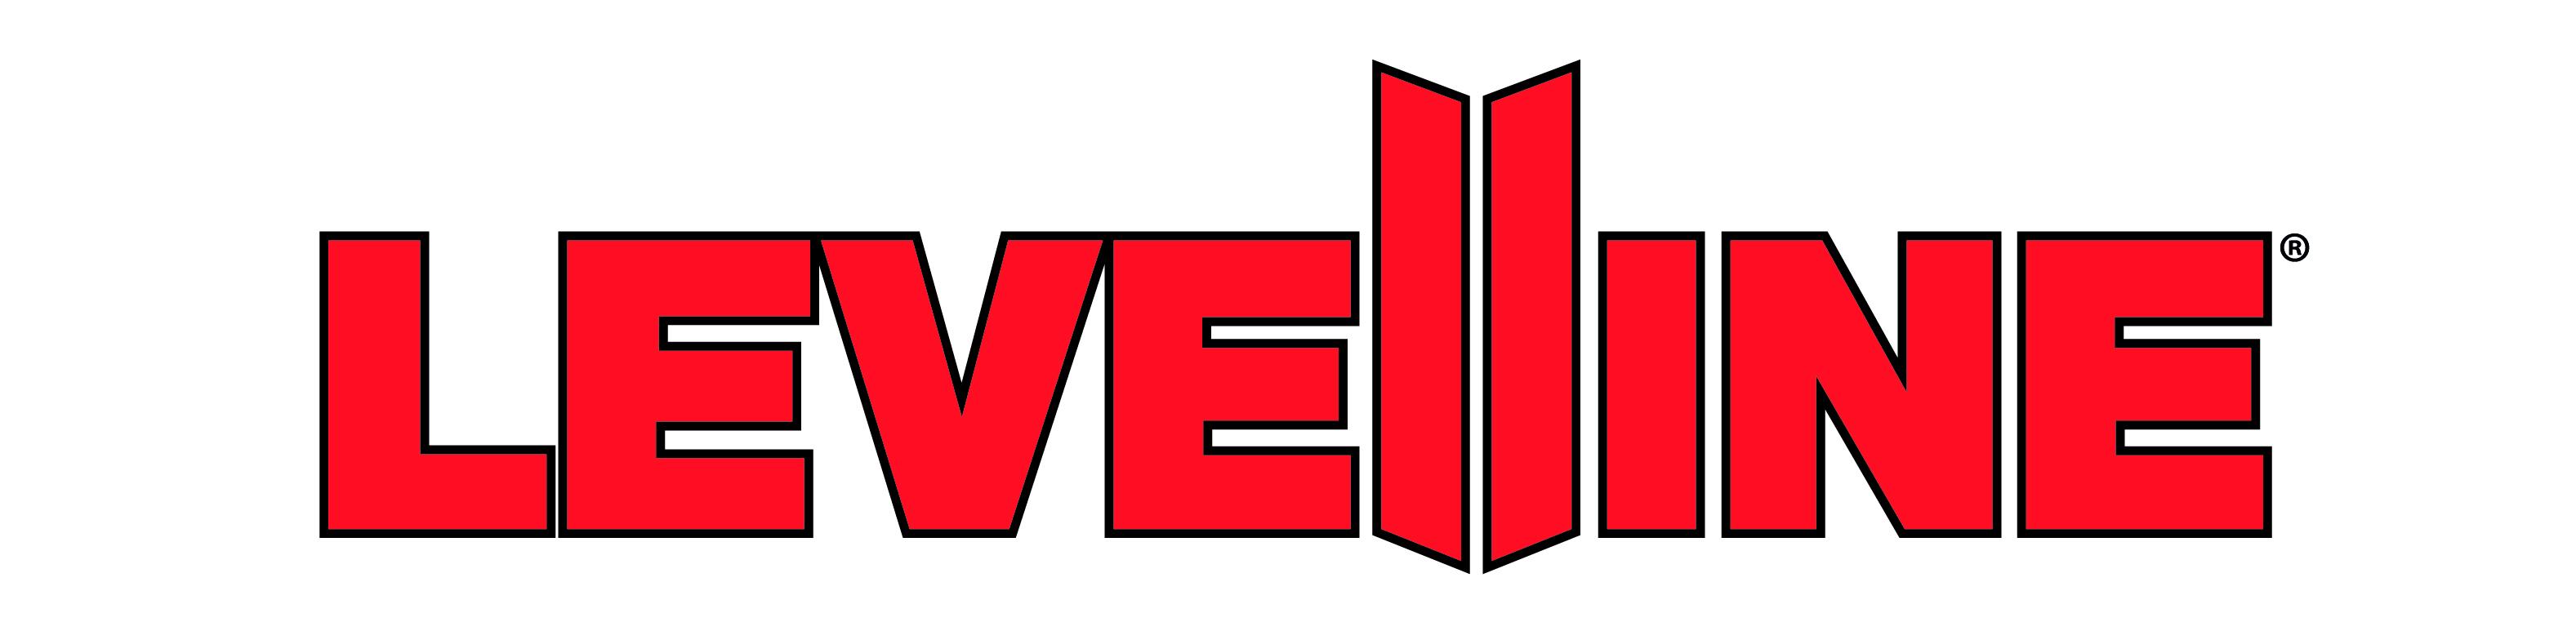 logotipo levelline terminaciones esquinas